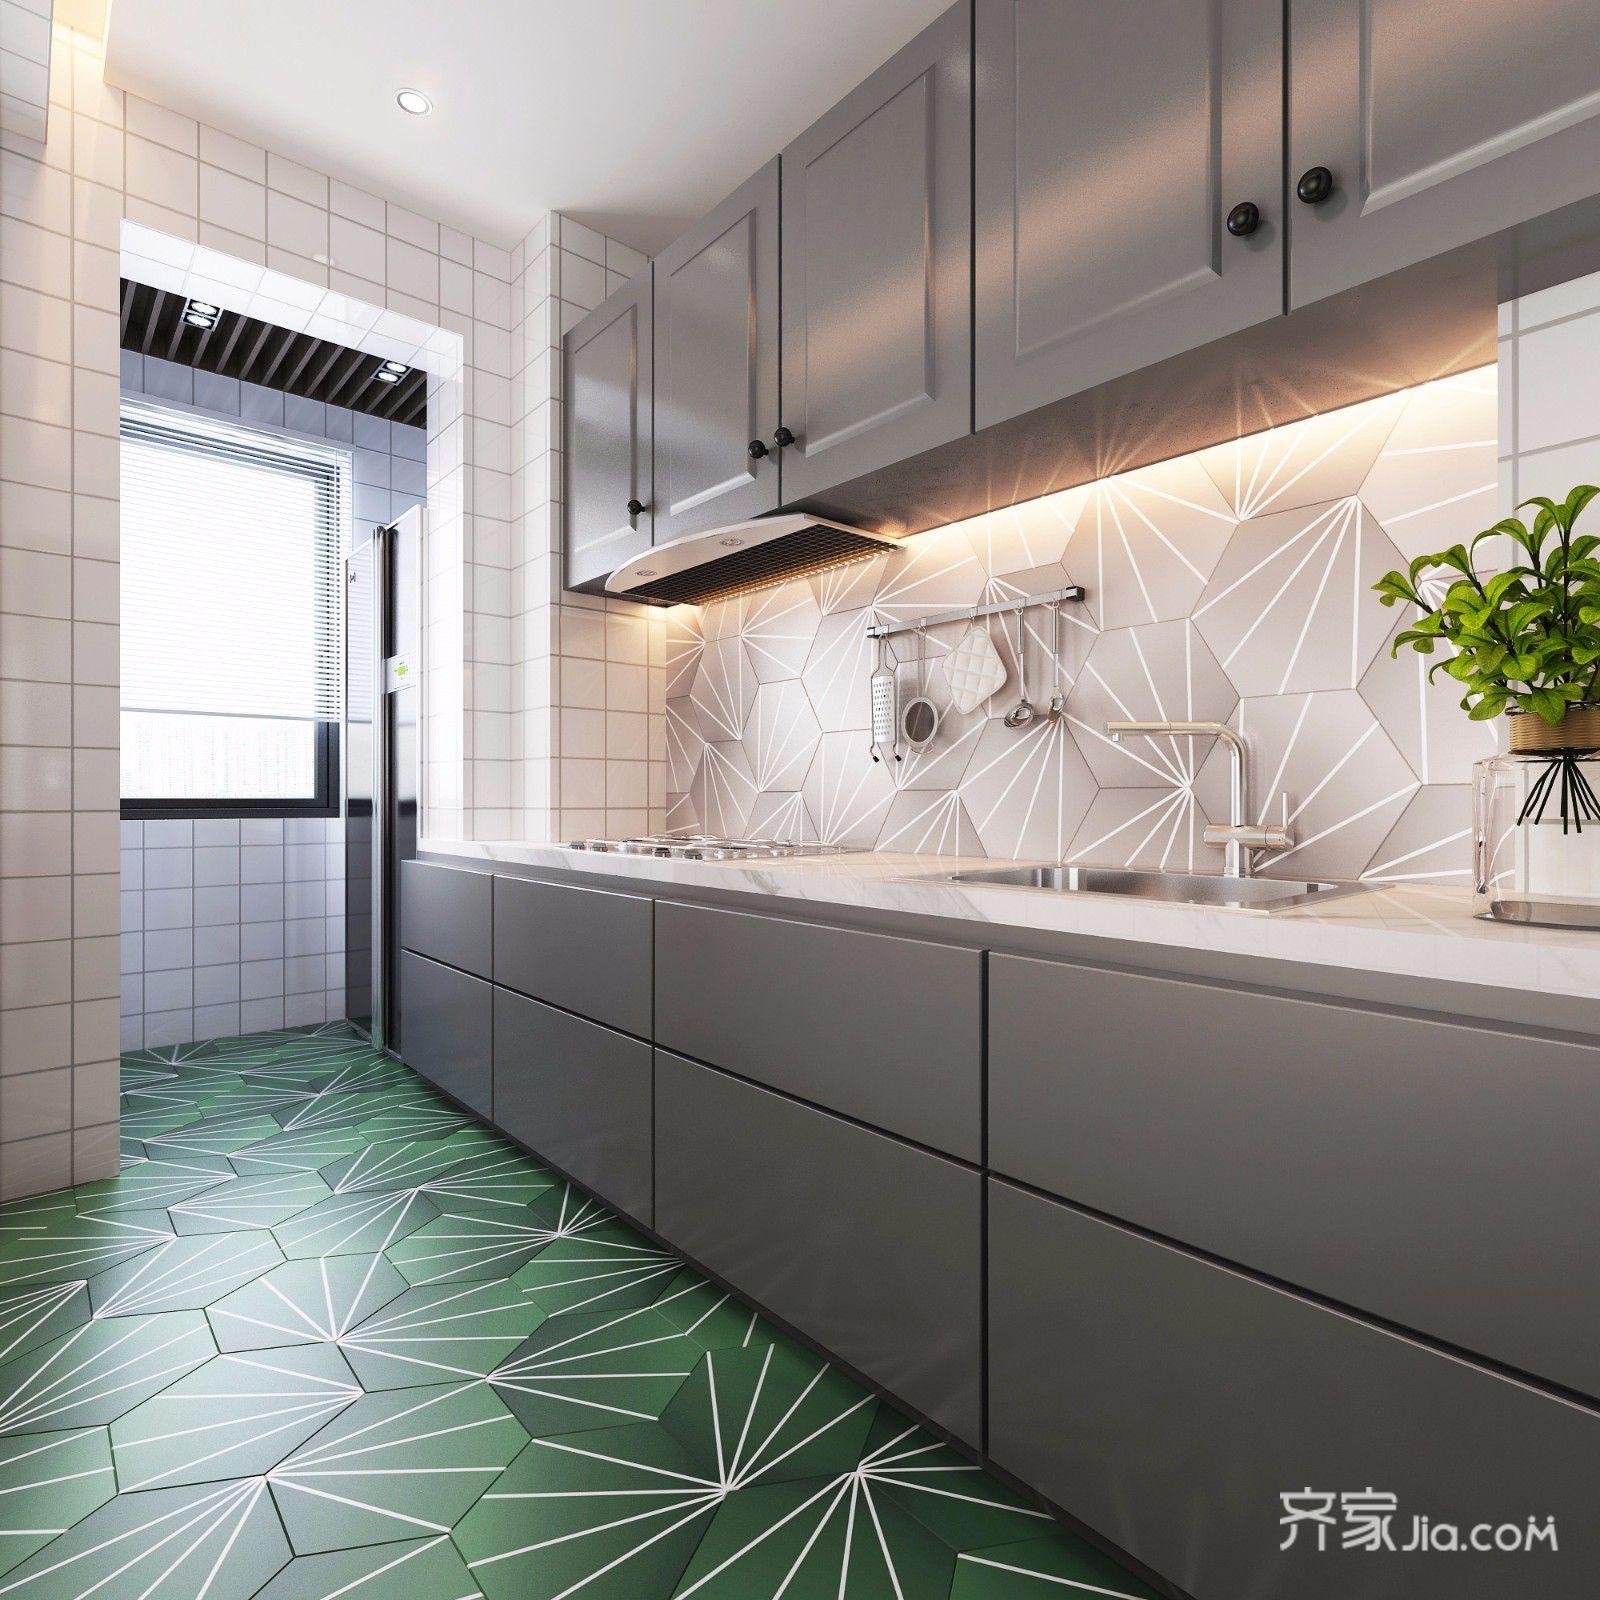 两居室现代简约风格厨房装修效果图